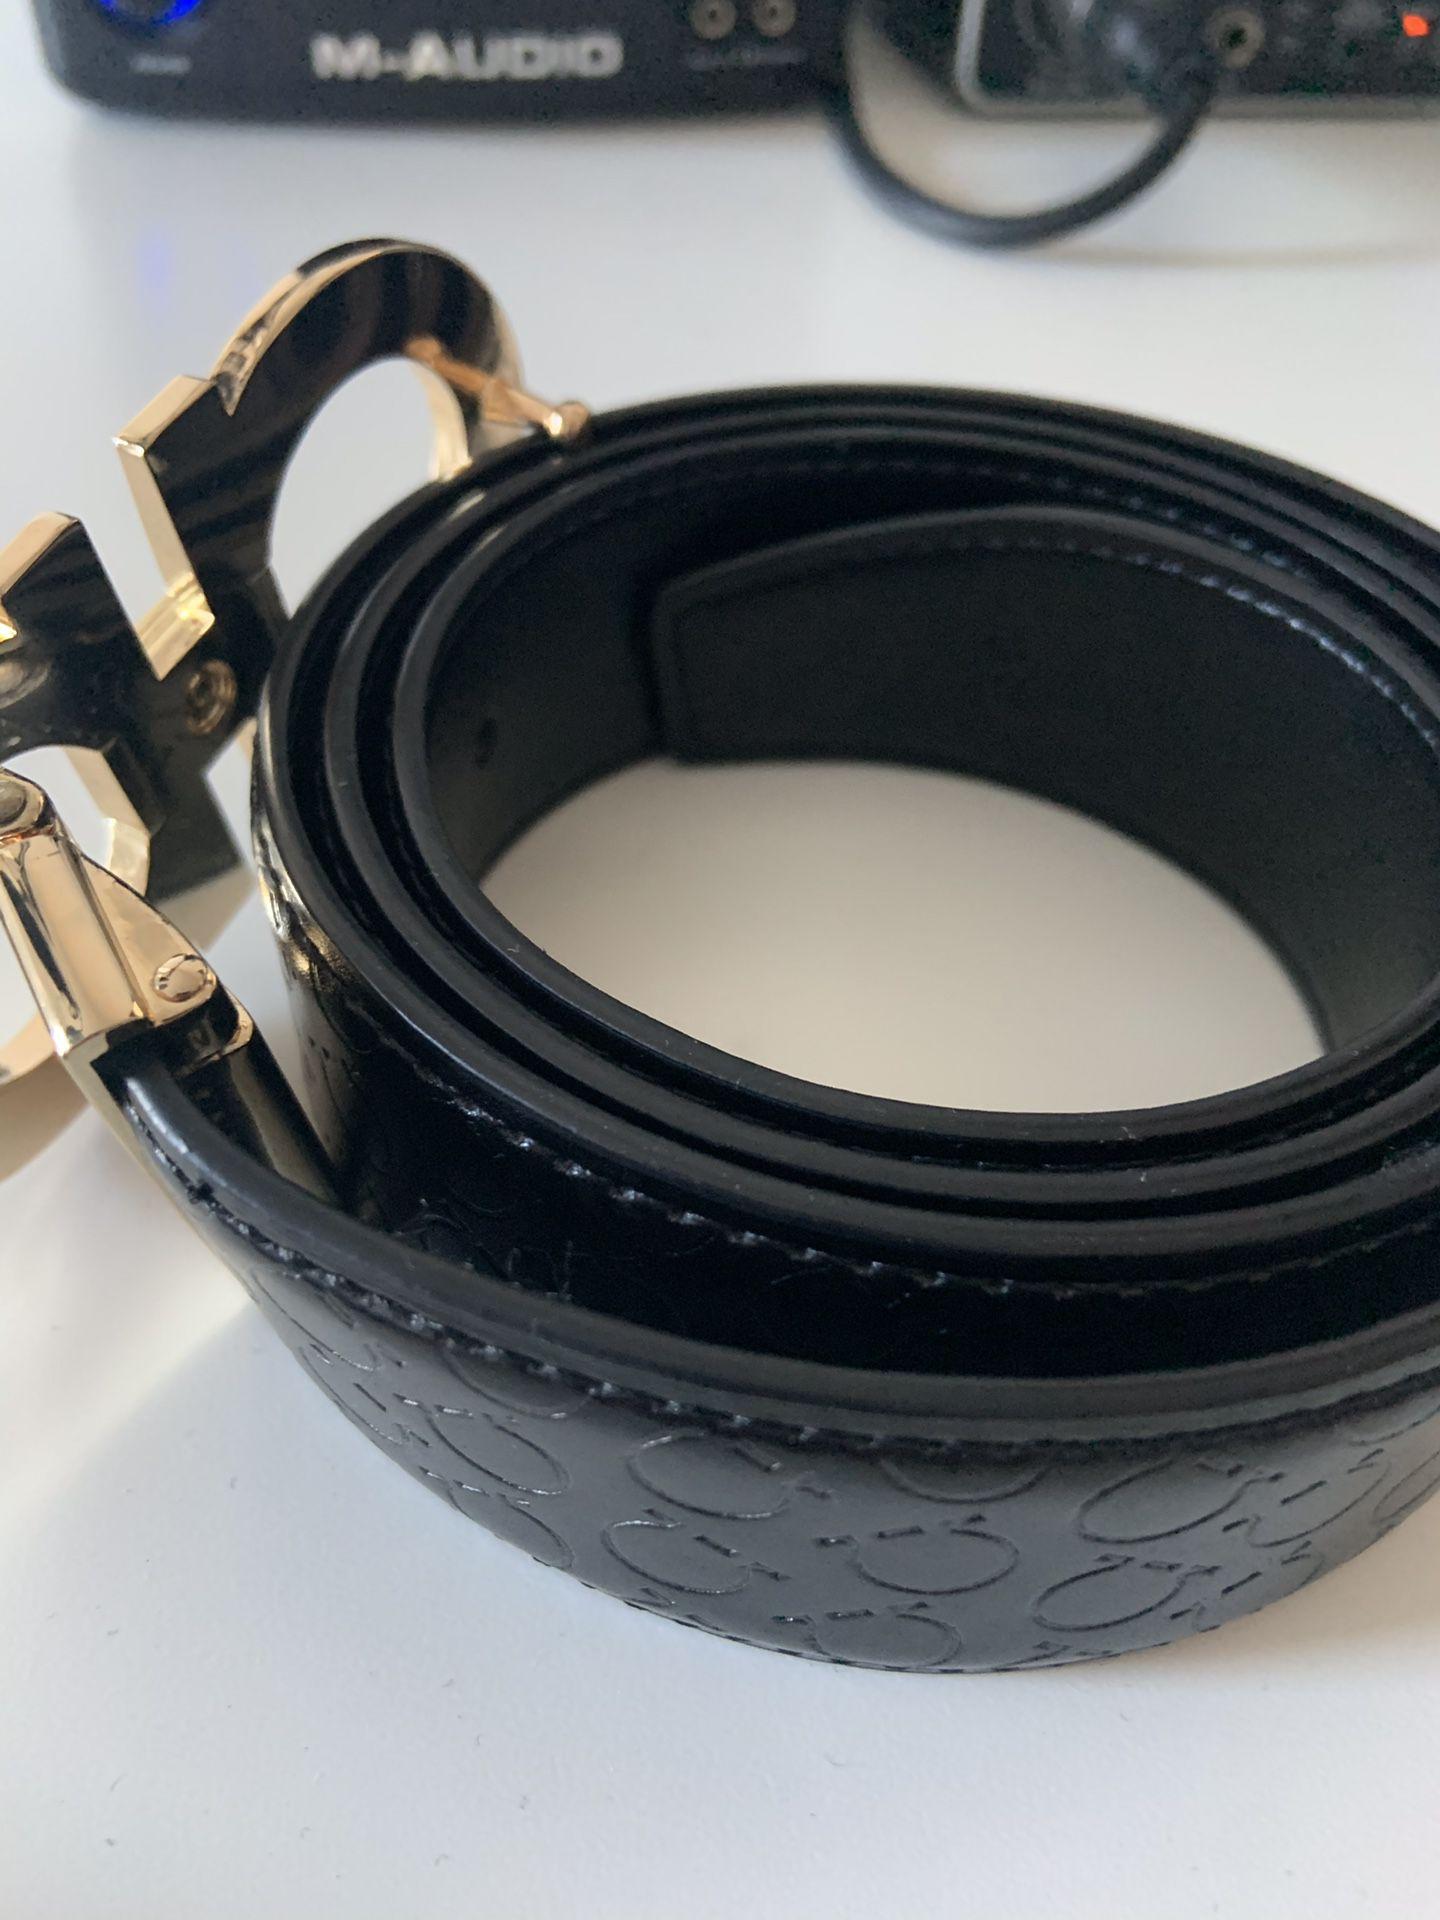 Men's feragamo belt size 36